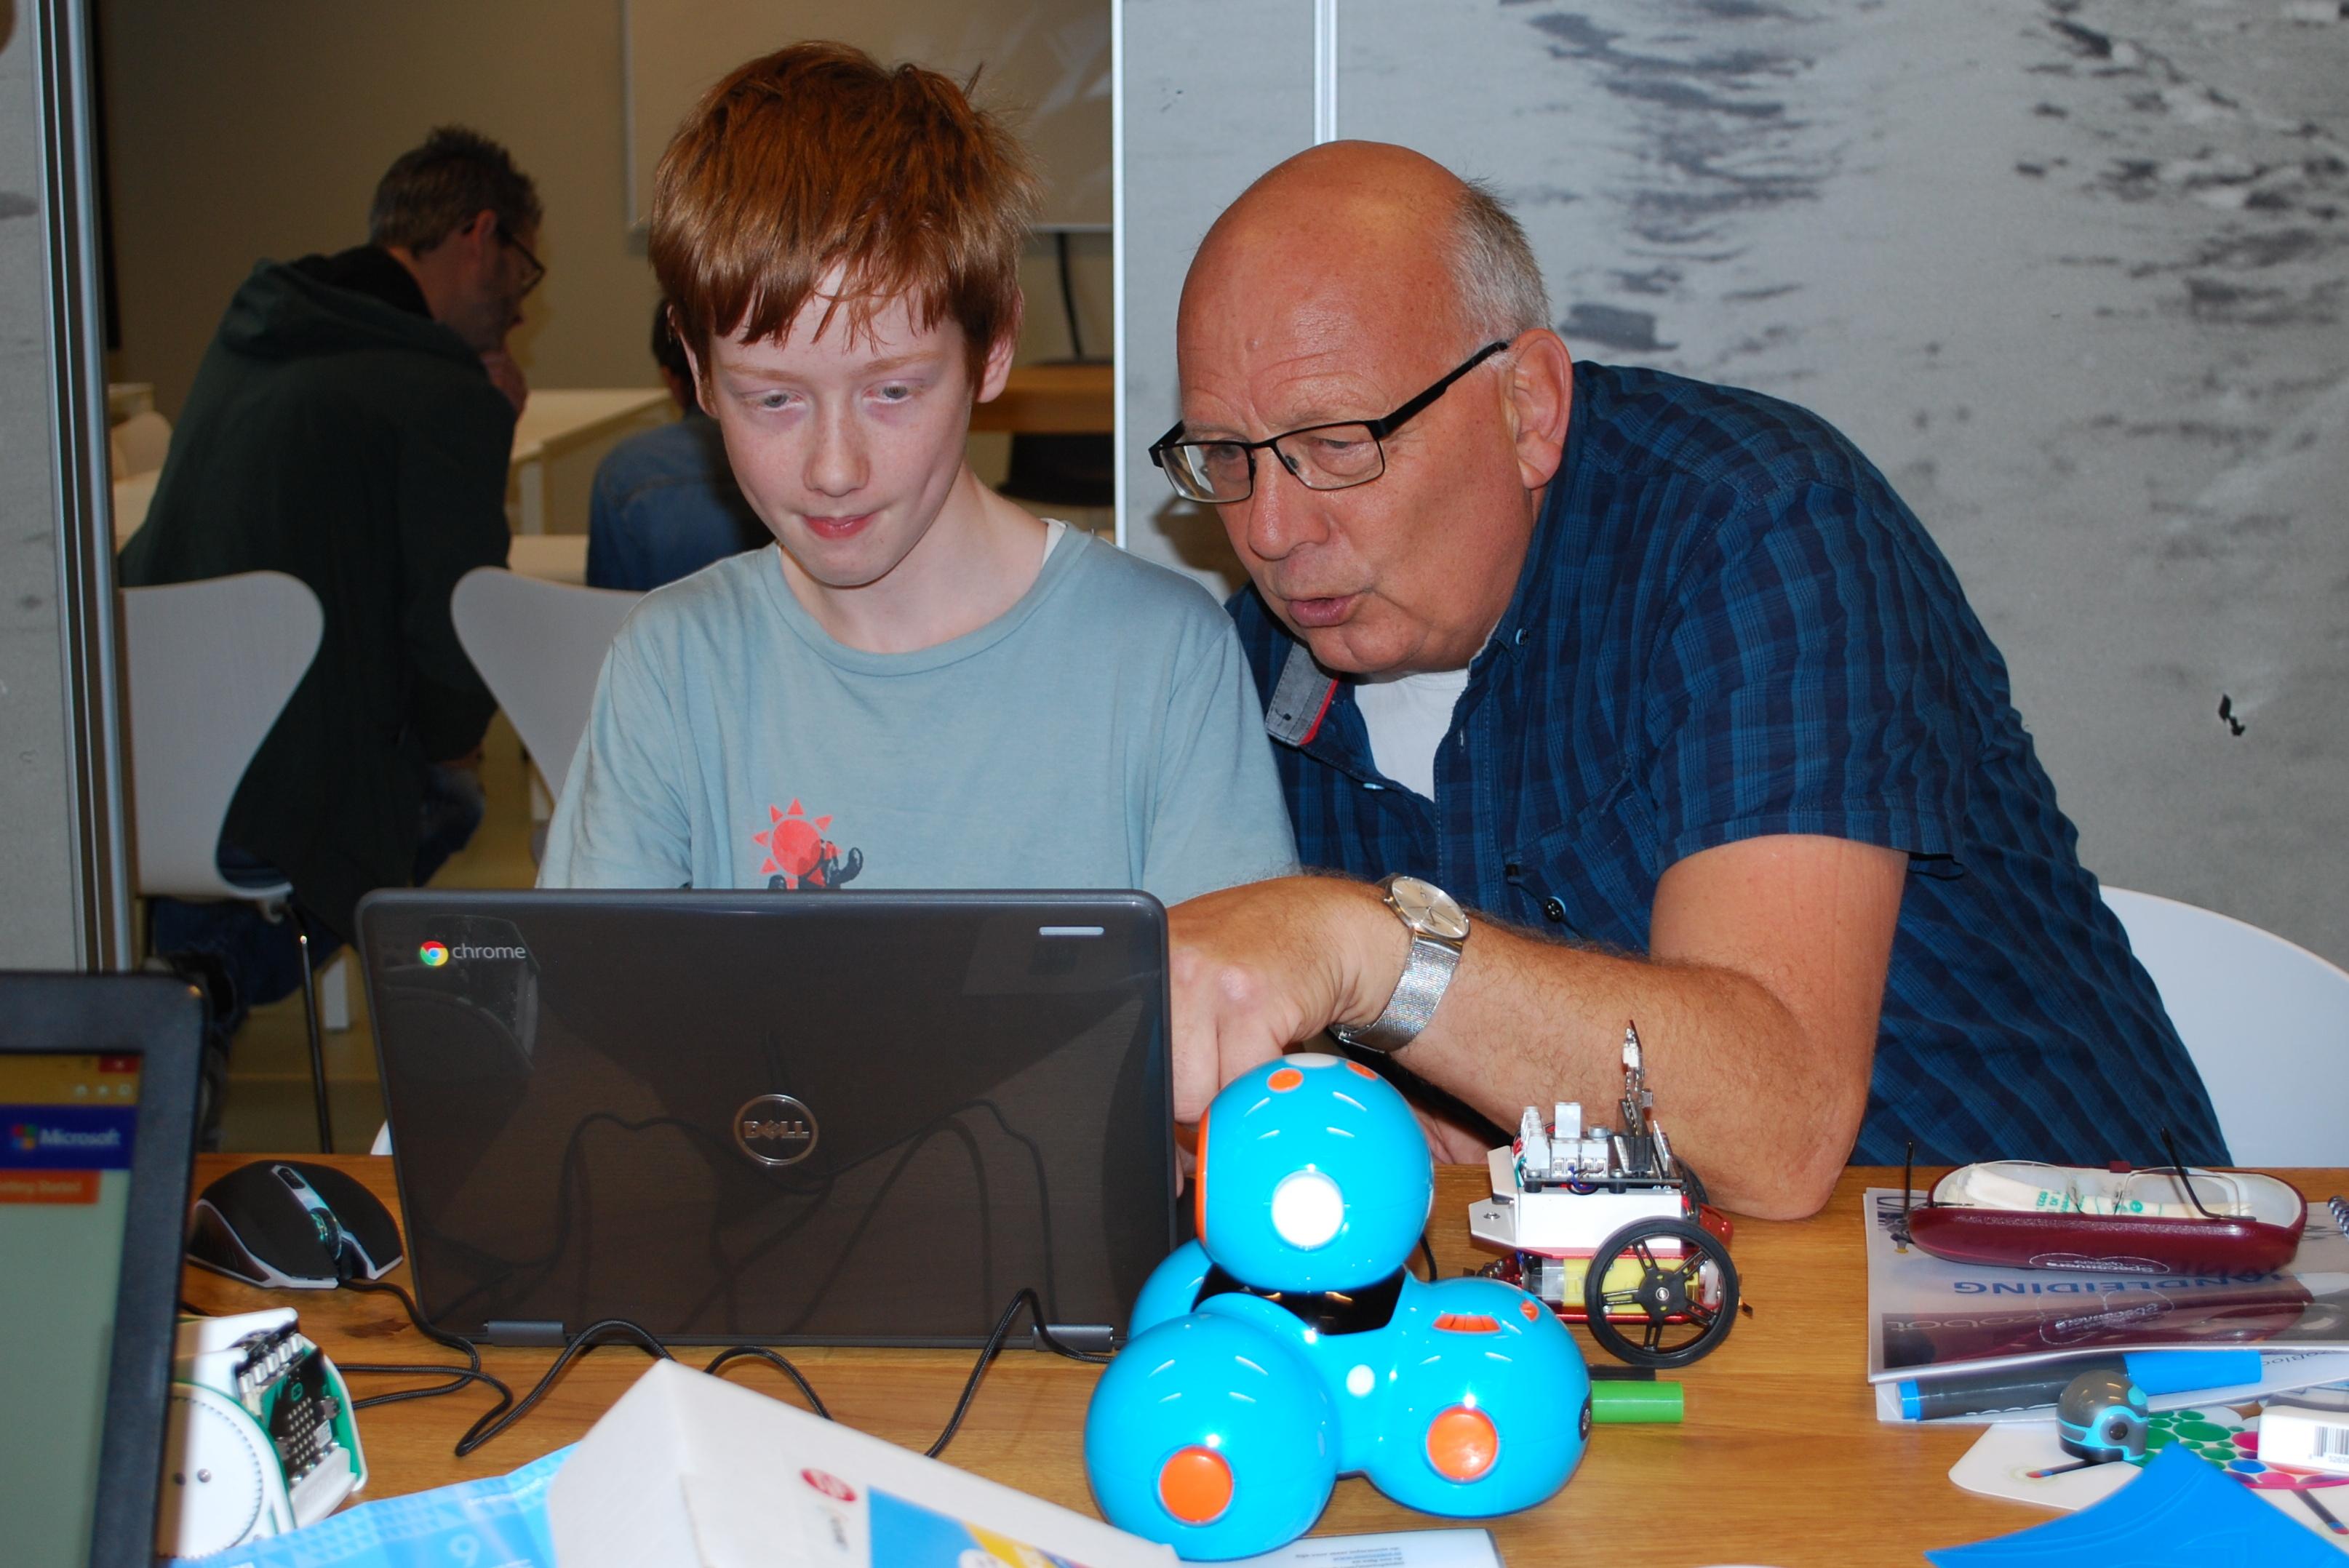 CoderDojo is bestemd voor kinderen met interesse in techniek en programmeren. (Foto: aangeleverd)